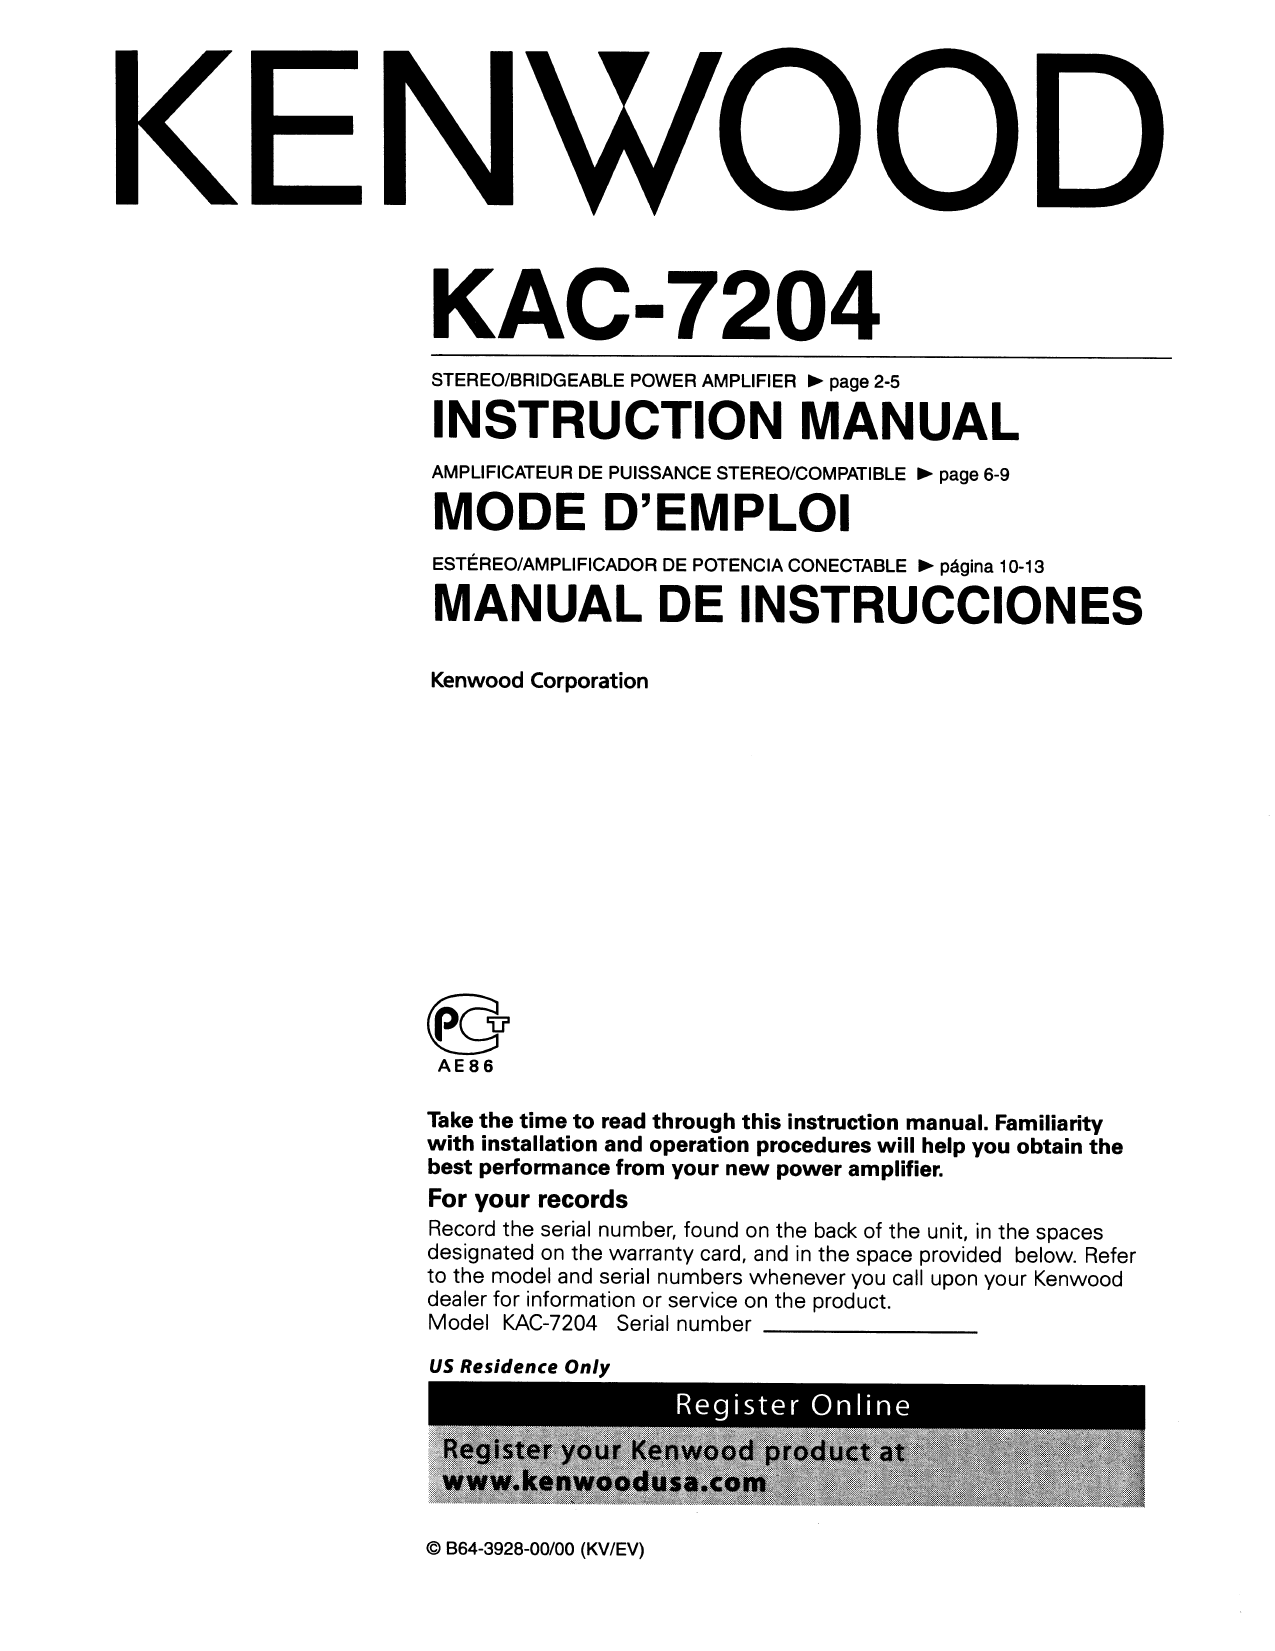 Download Free Pdf For Kenwood Kac 7204 Car Amplifier Manual Kdc 119 Wiring Diagram